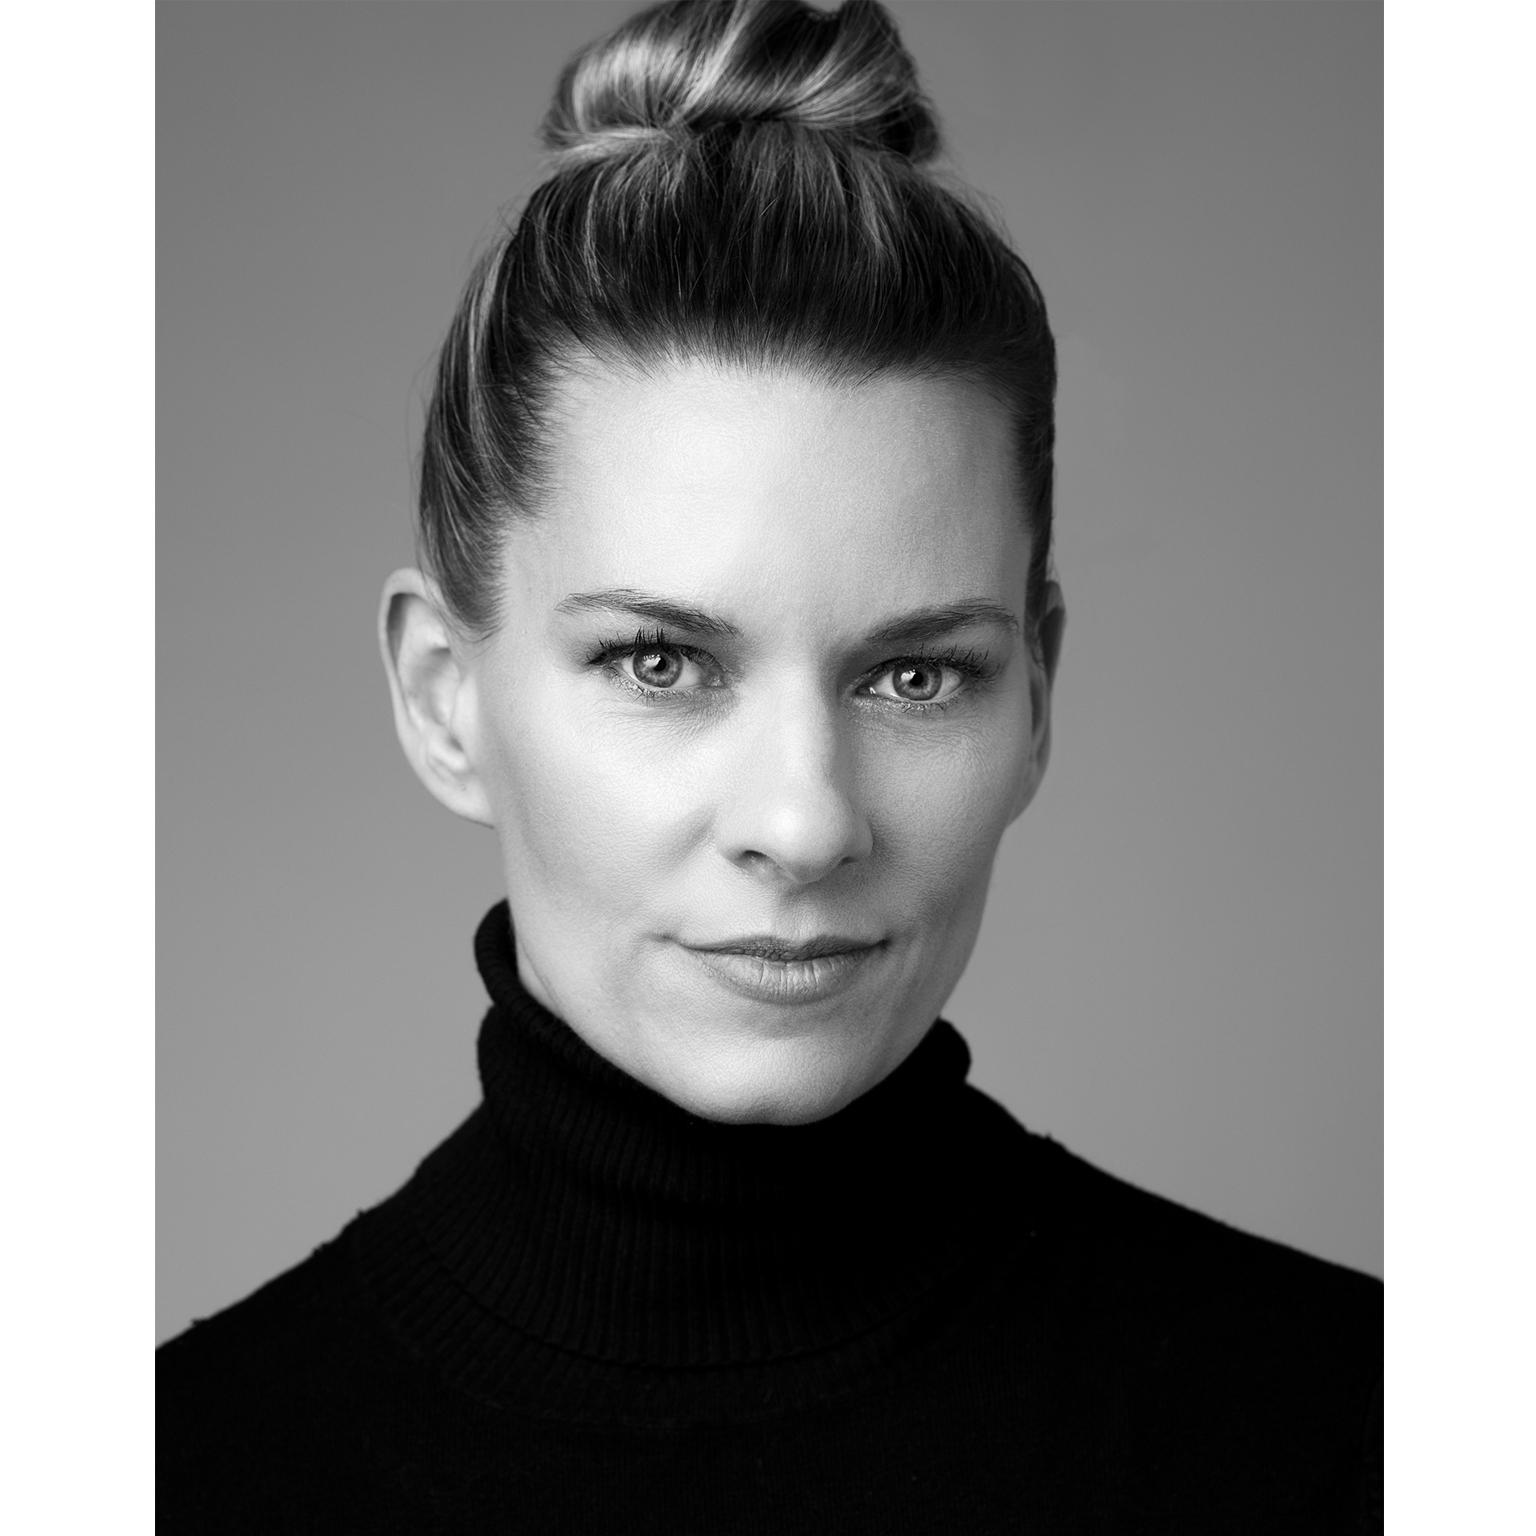 Toronto-Fitness-Model-Agency-Beauty-Portrait-Model-Adrienne-Davis